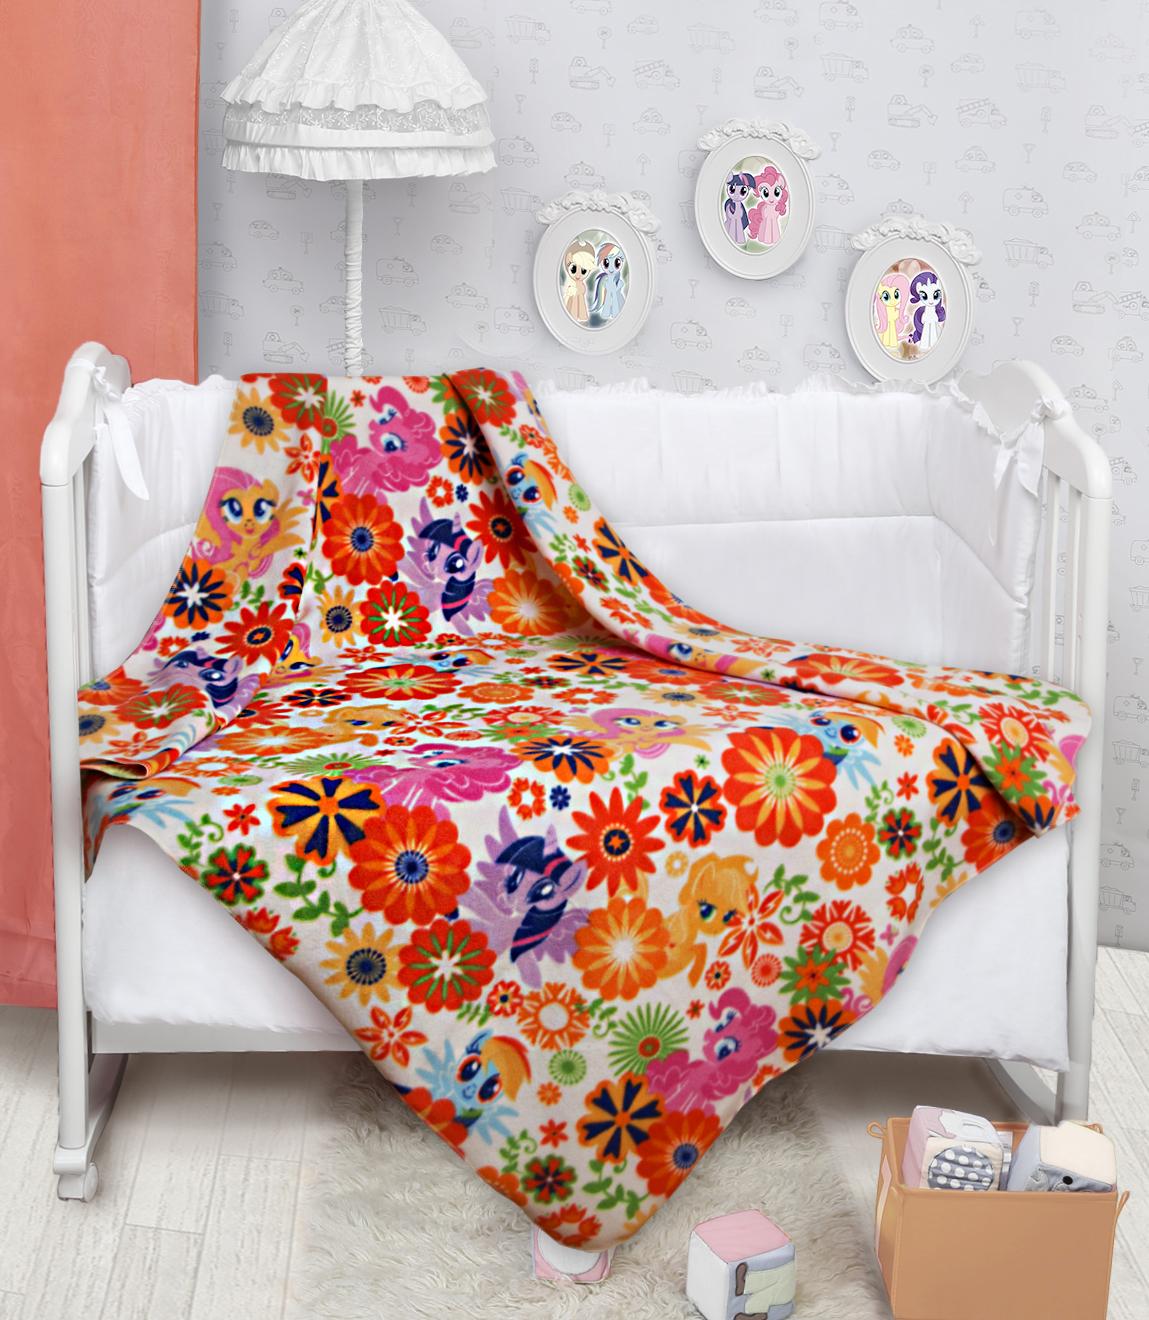 где купить Детские покрывала, подушки, одеяла Mona Liza Детский плед Пони (150х200 см) по лучшей цене